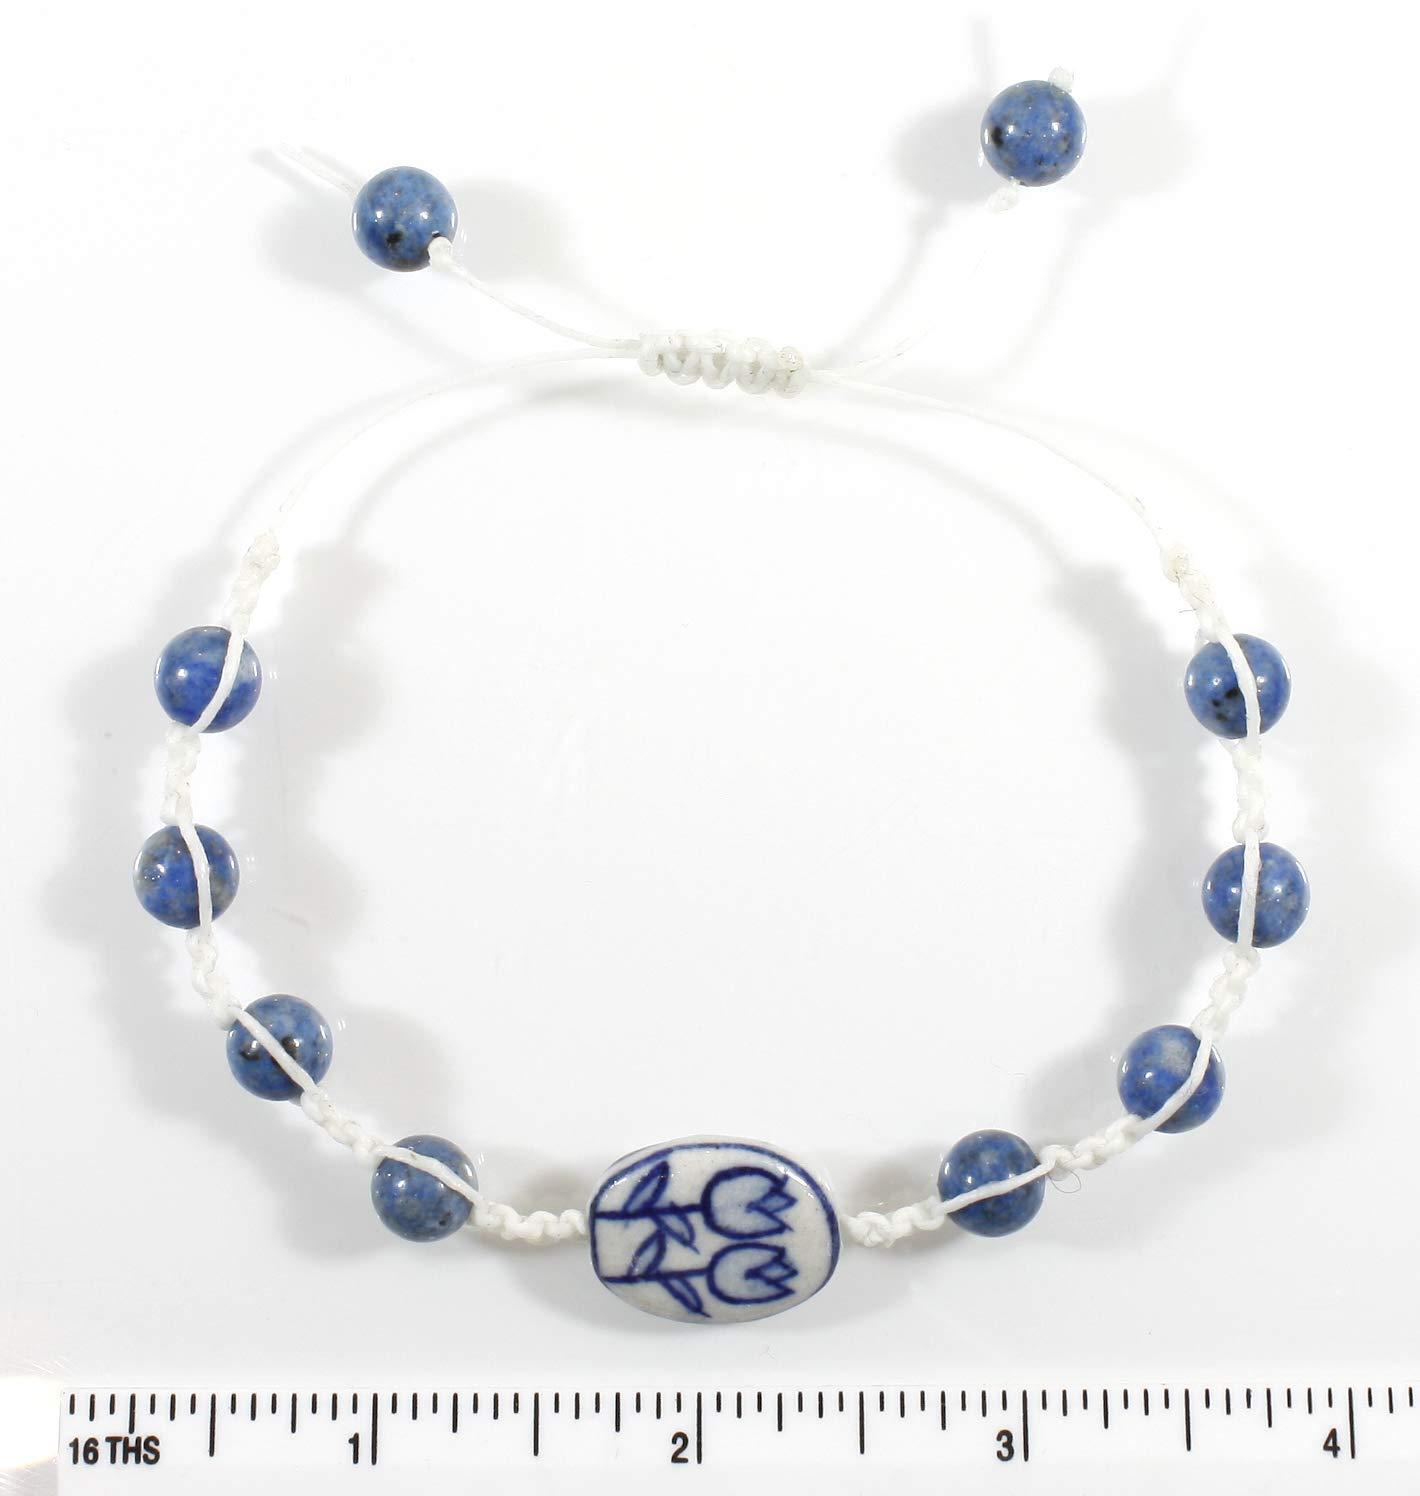 Dutch Blue and White Adjustable Hand-painted Porcelain Shamballa Bracelet with Lapis Lazuli